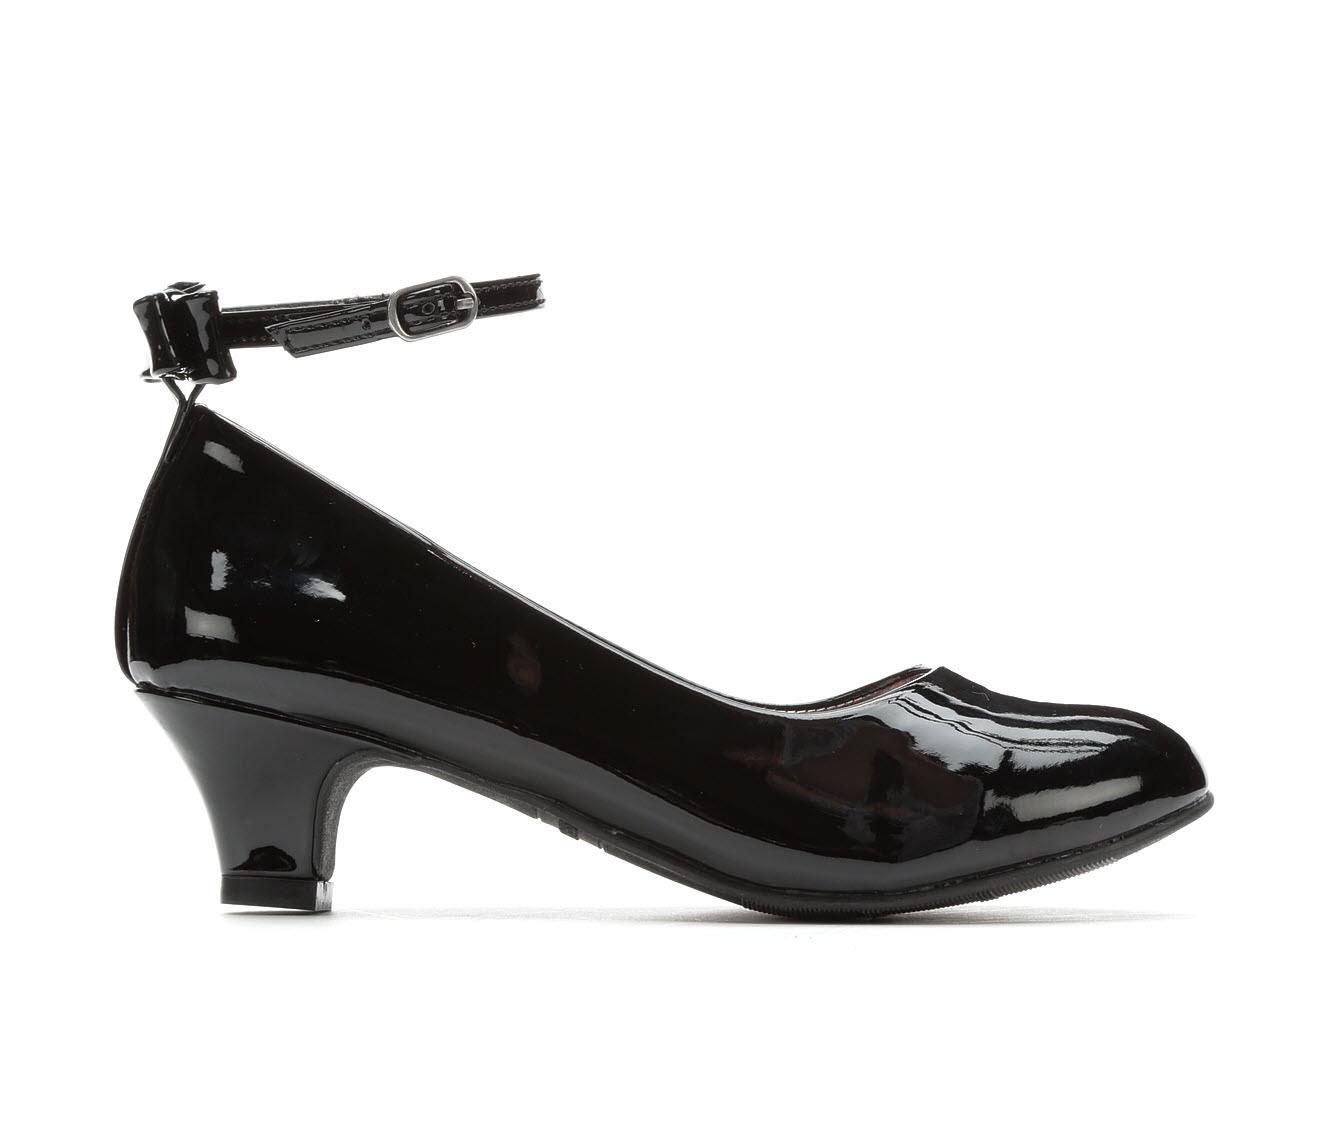 Girls' Steve Madden JBecky Children's Shoes (Black)